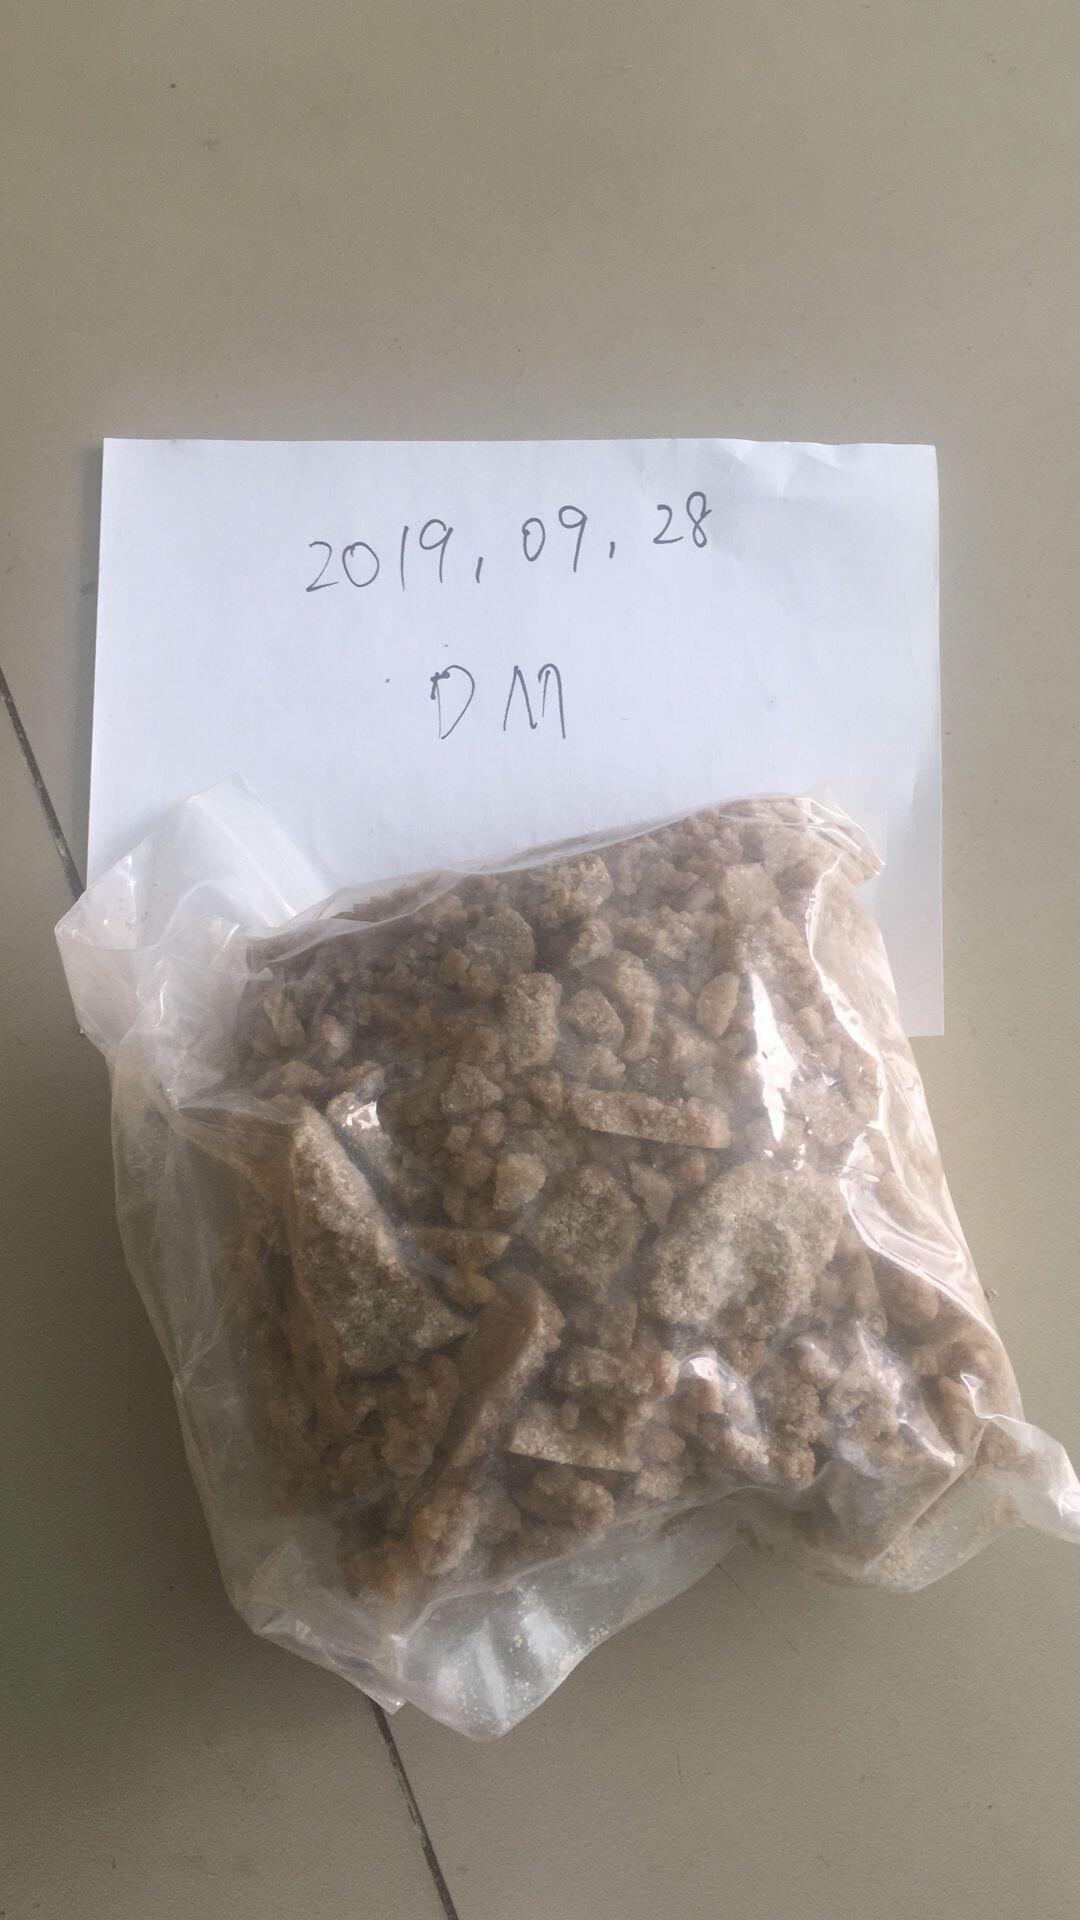 sales01 Eutylone crystal new batch eutylone stimulant eutylone